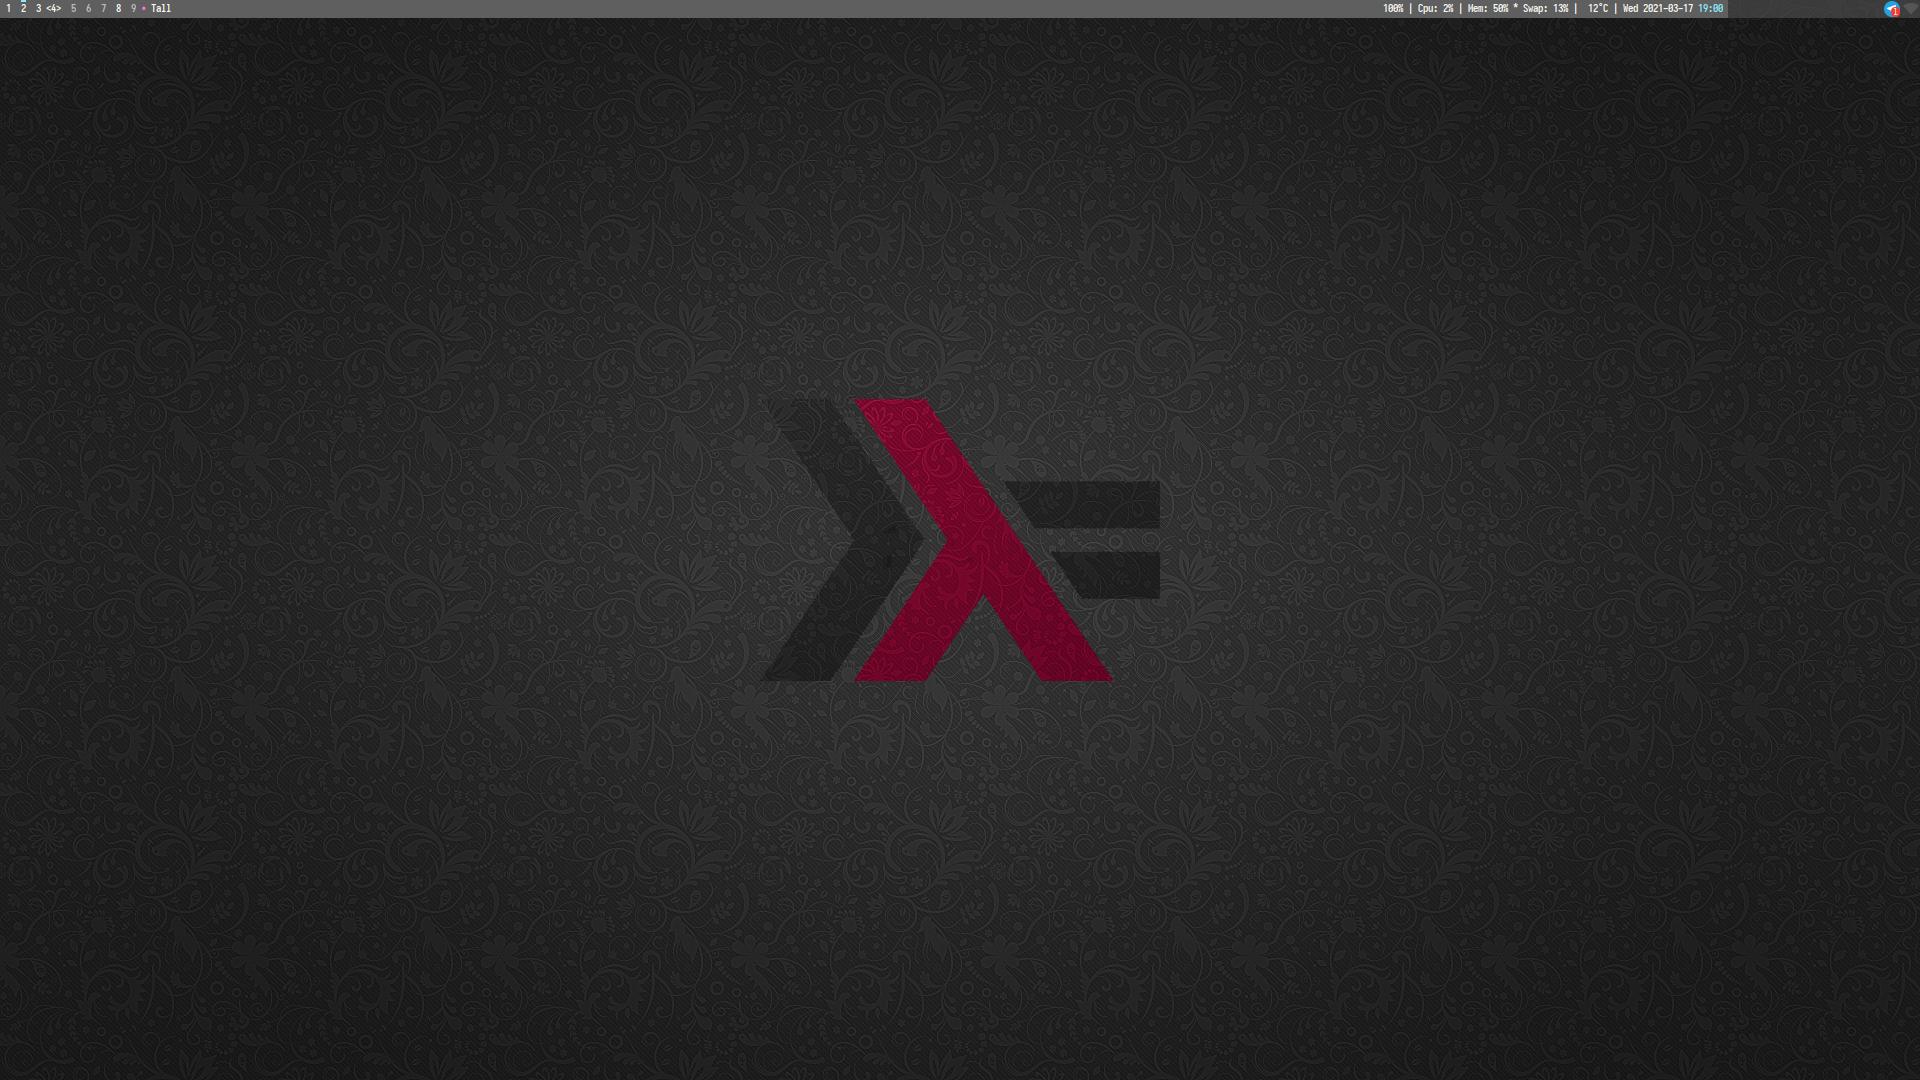 blank desktop